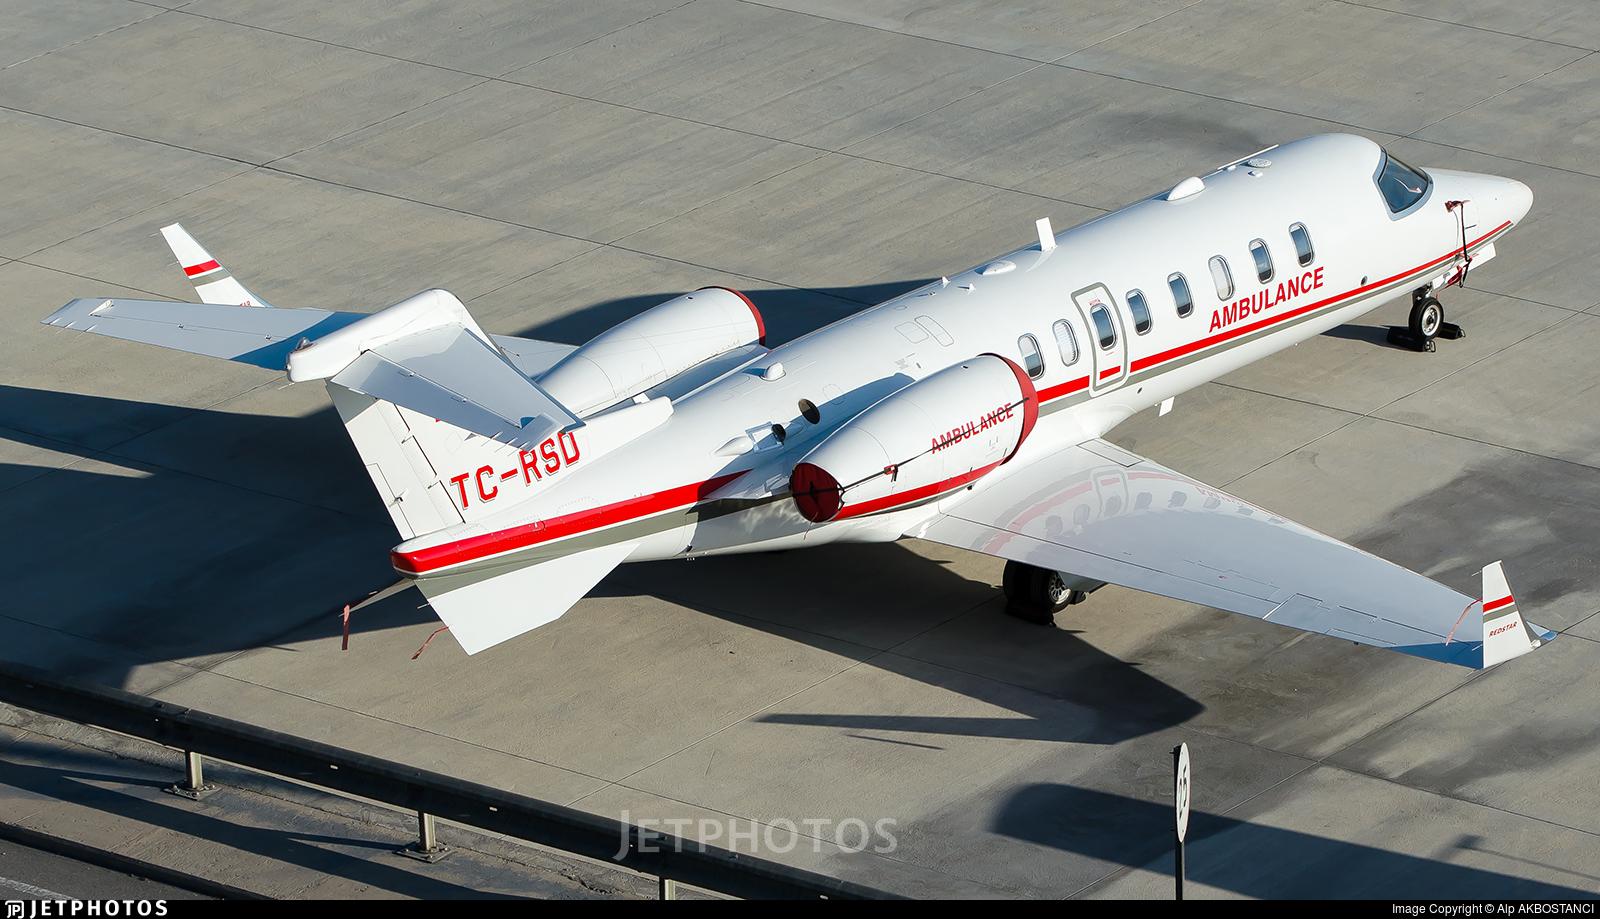 TC-RSD - Bombardier Learjet 45 - Redstar Aviation